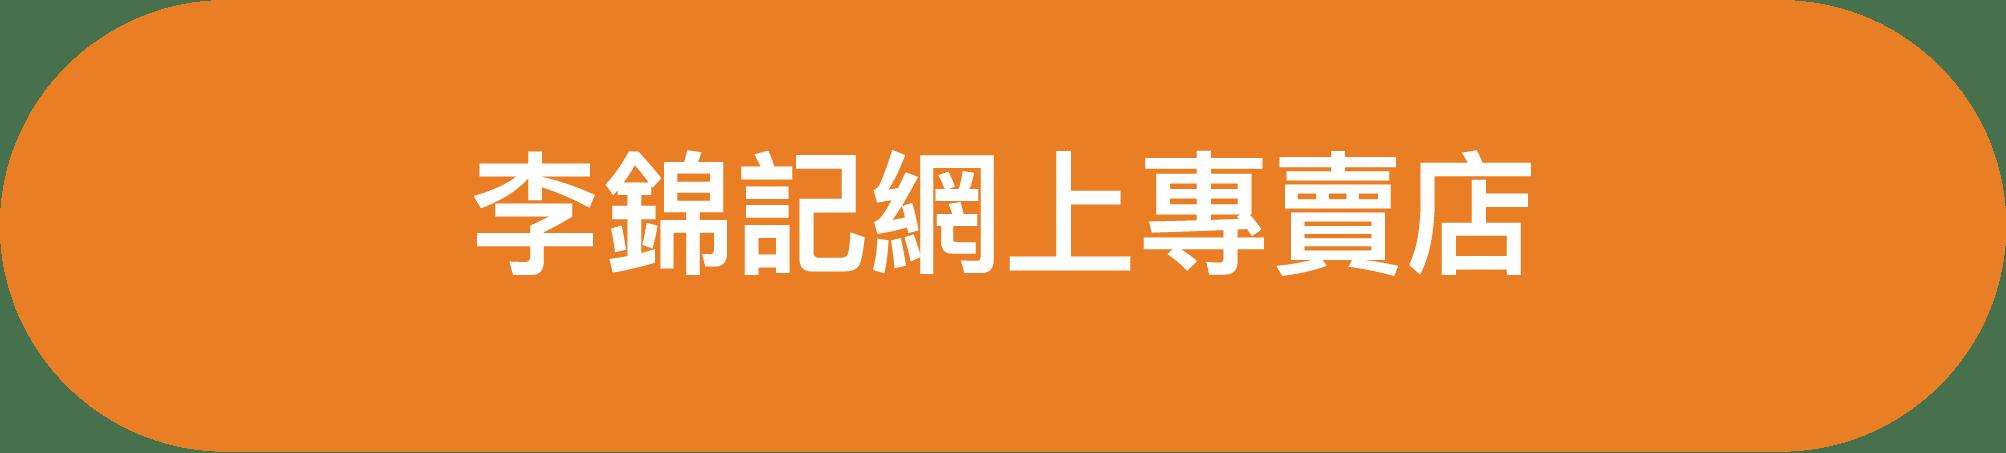 李錦記網上專賣點